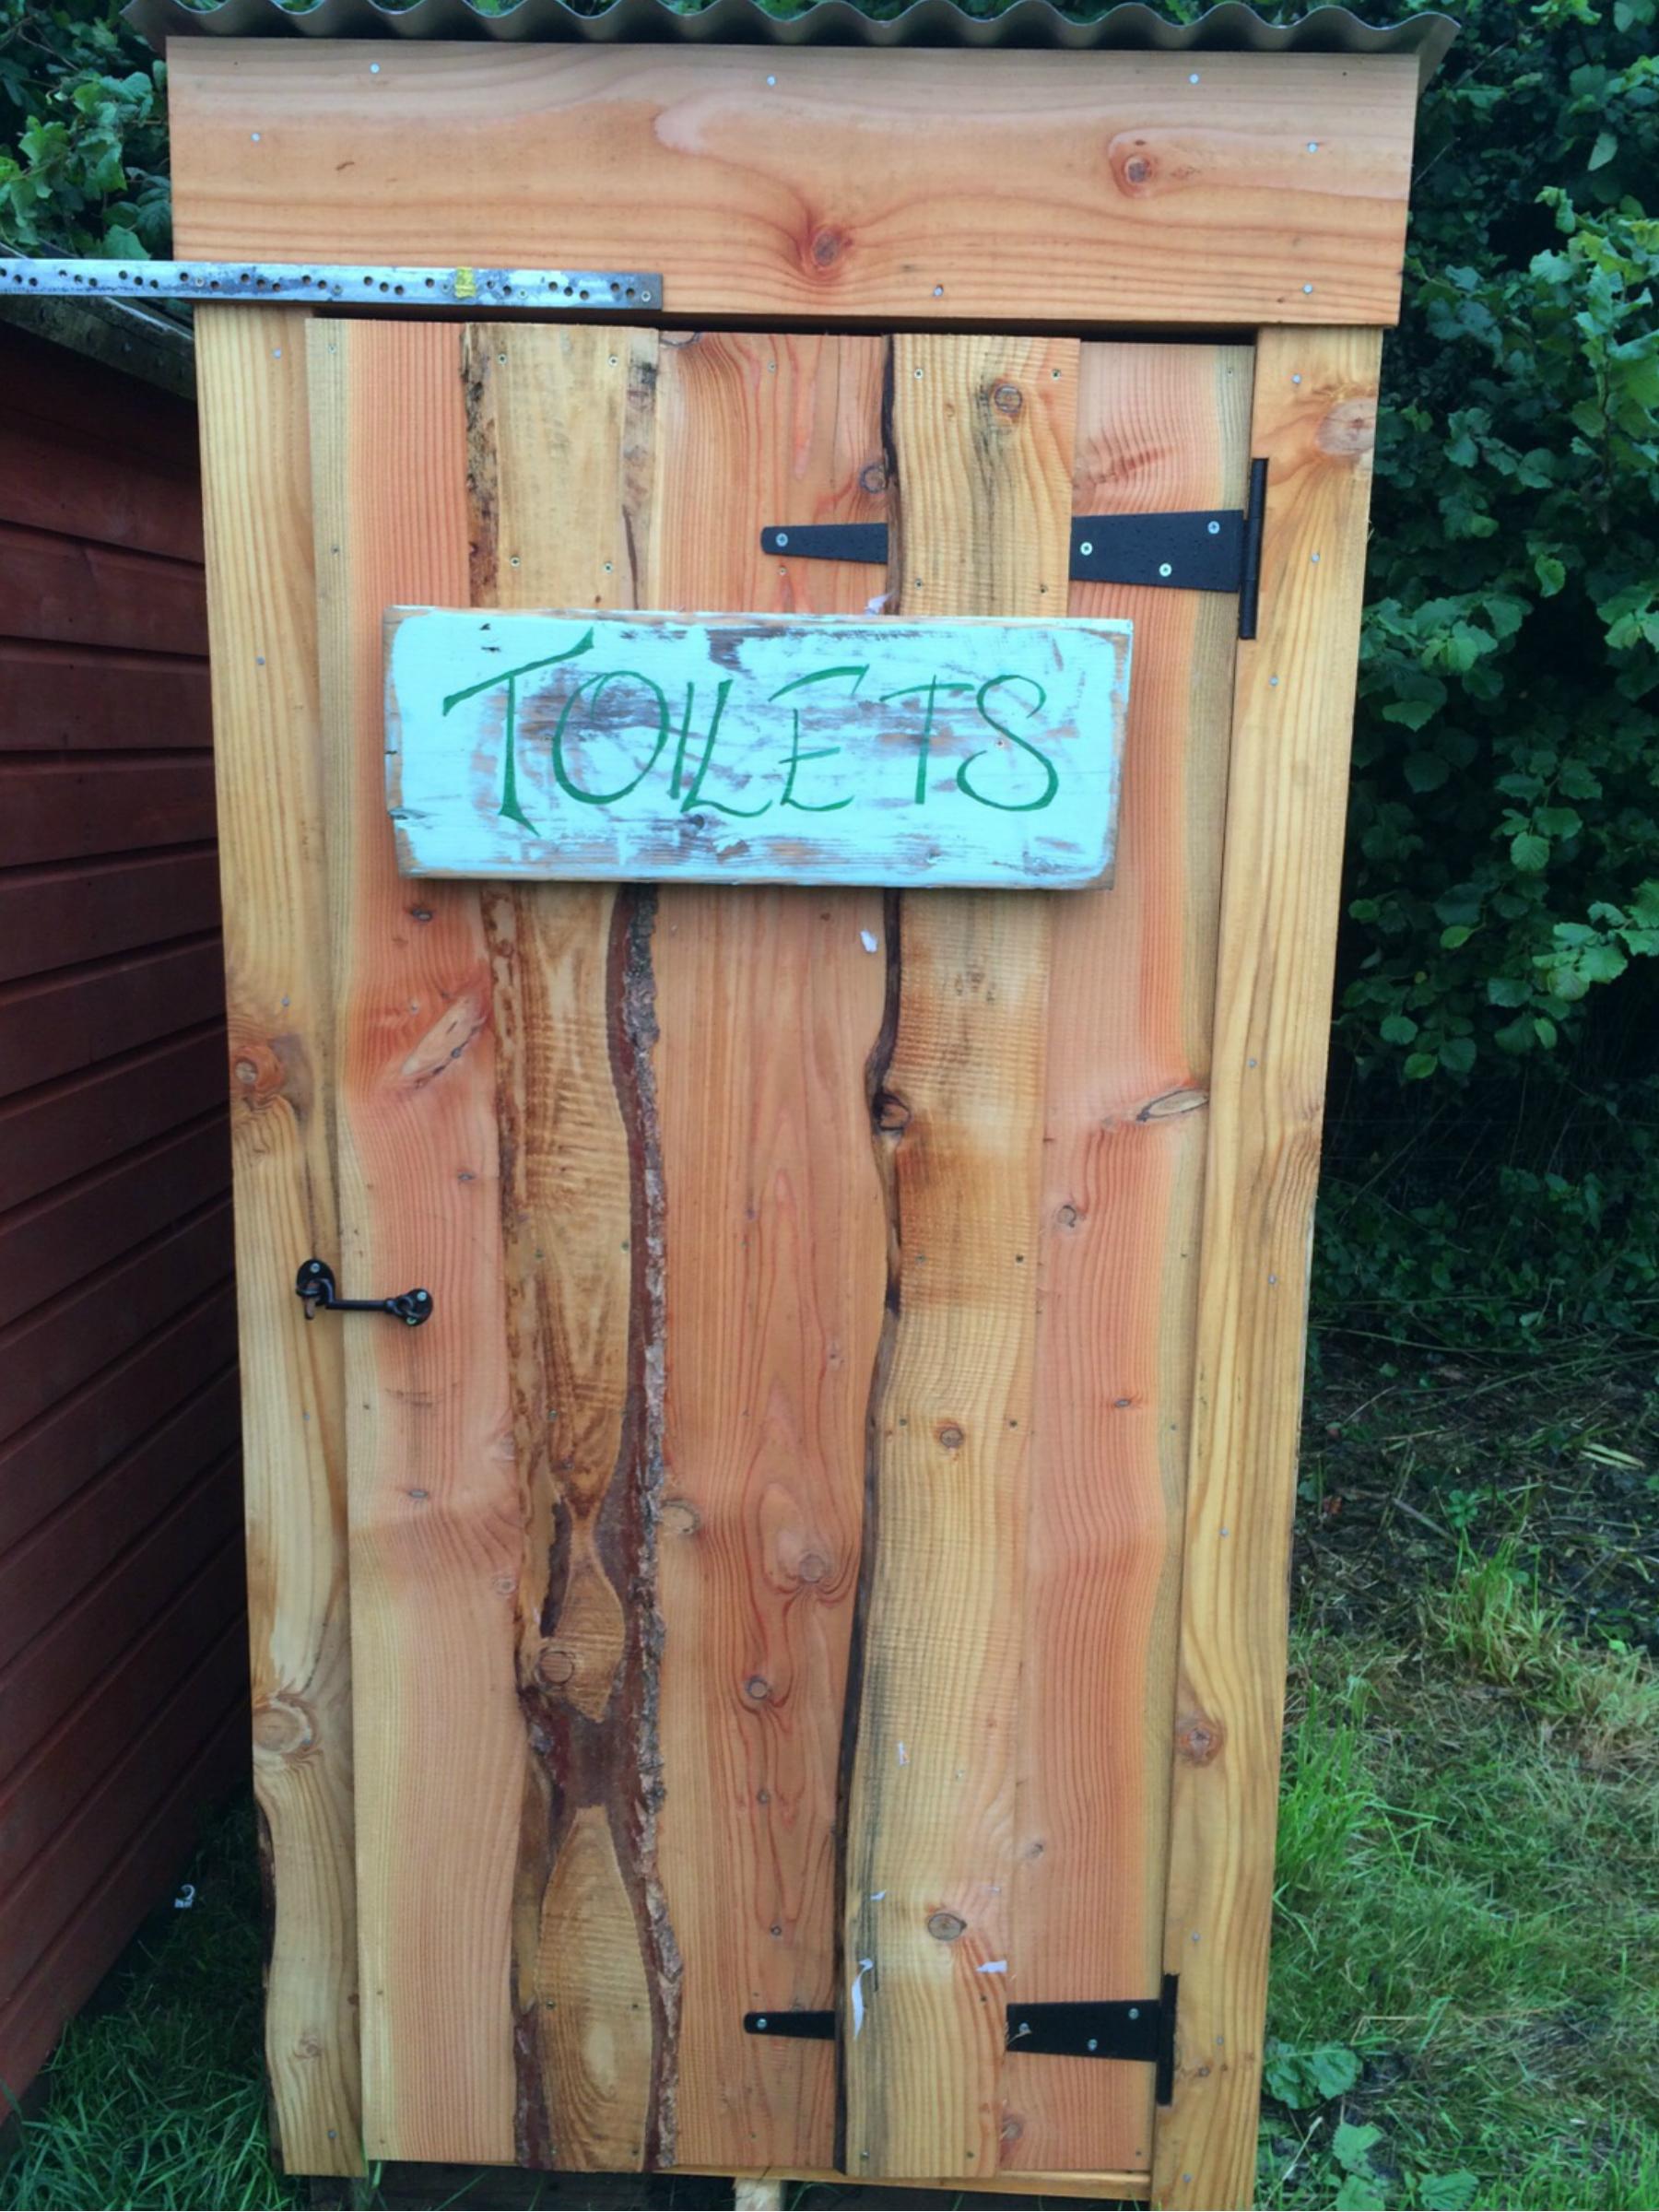 Compost Toilet at Wilton Farm